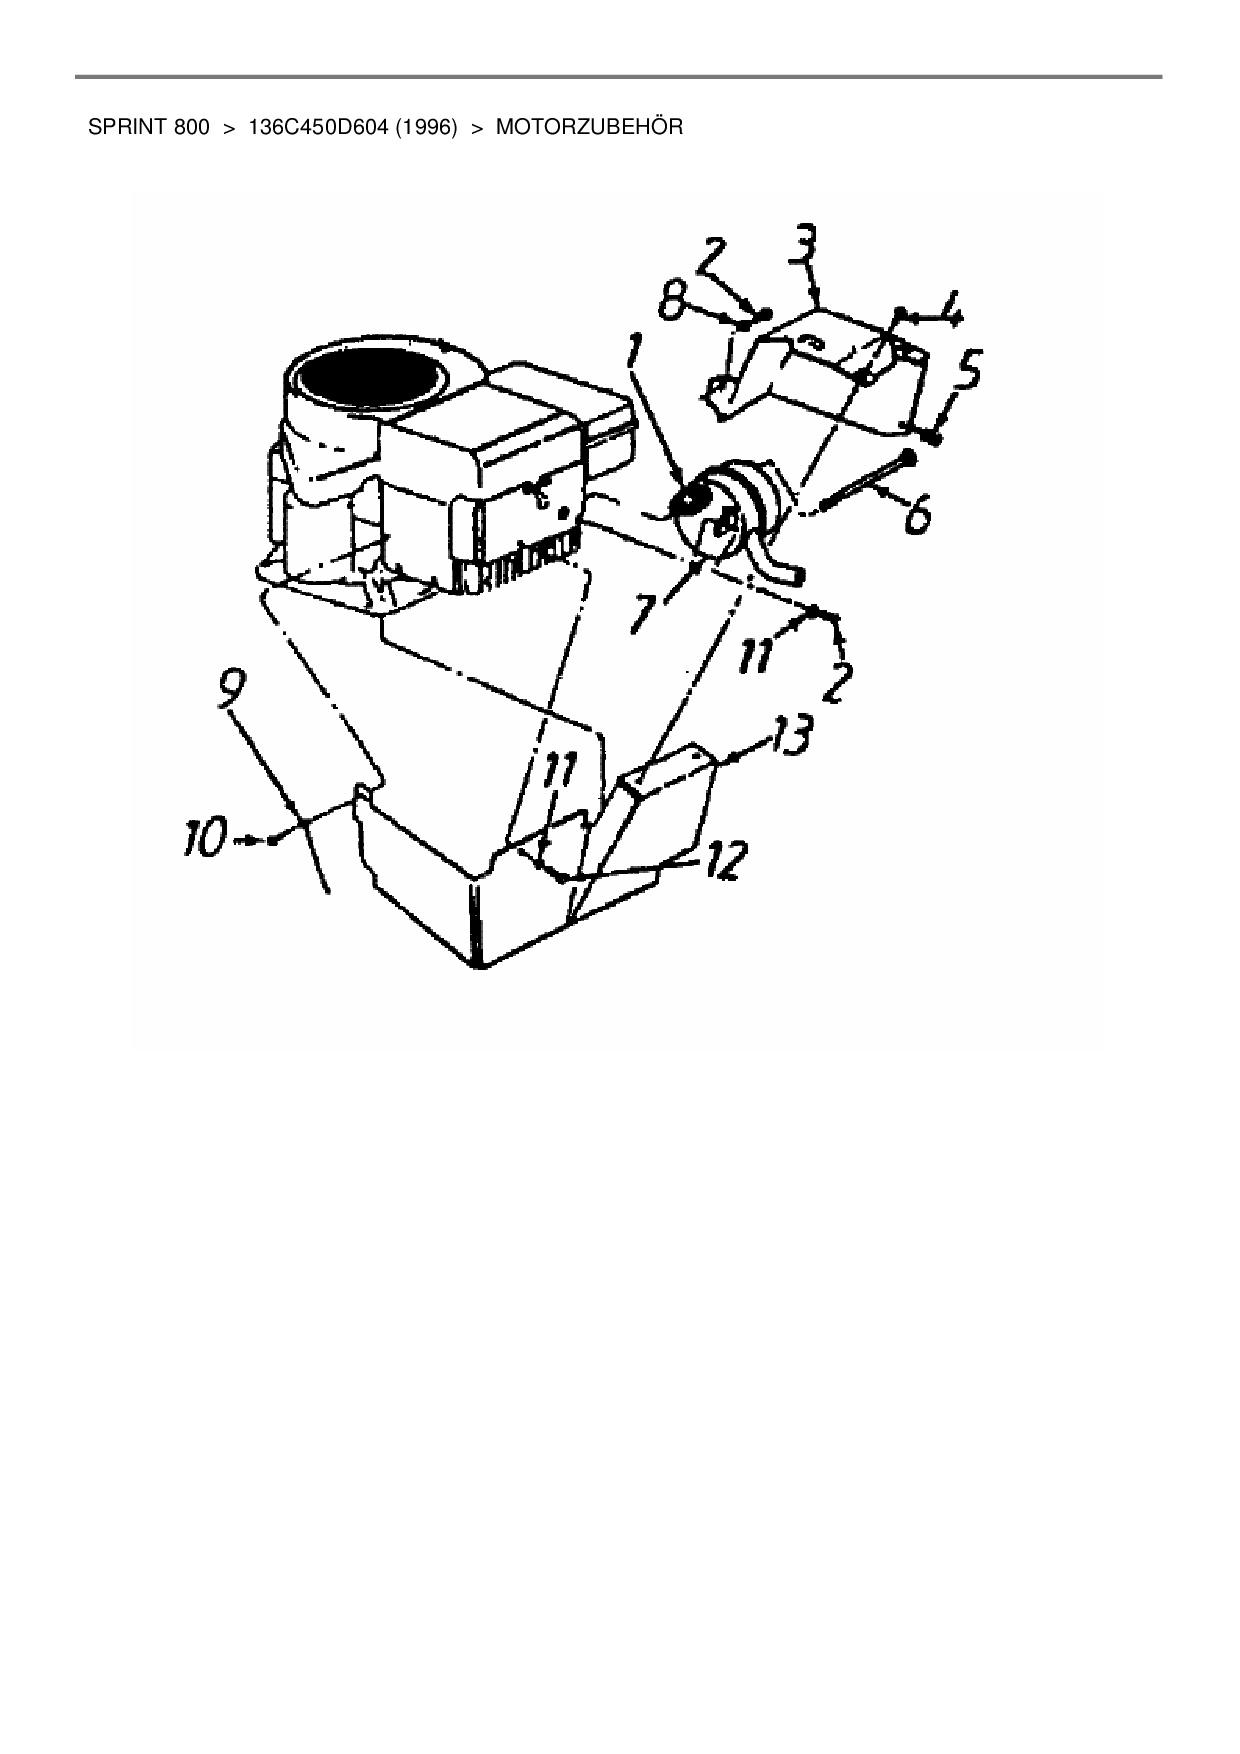 Ersatzteile von Gutbrod Rasentraktor Sprint 800 aus der Zeichnung Mot